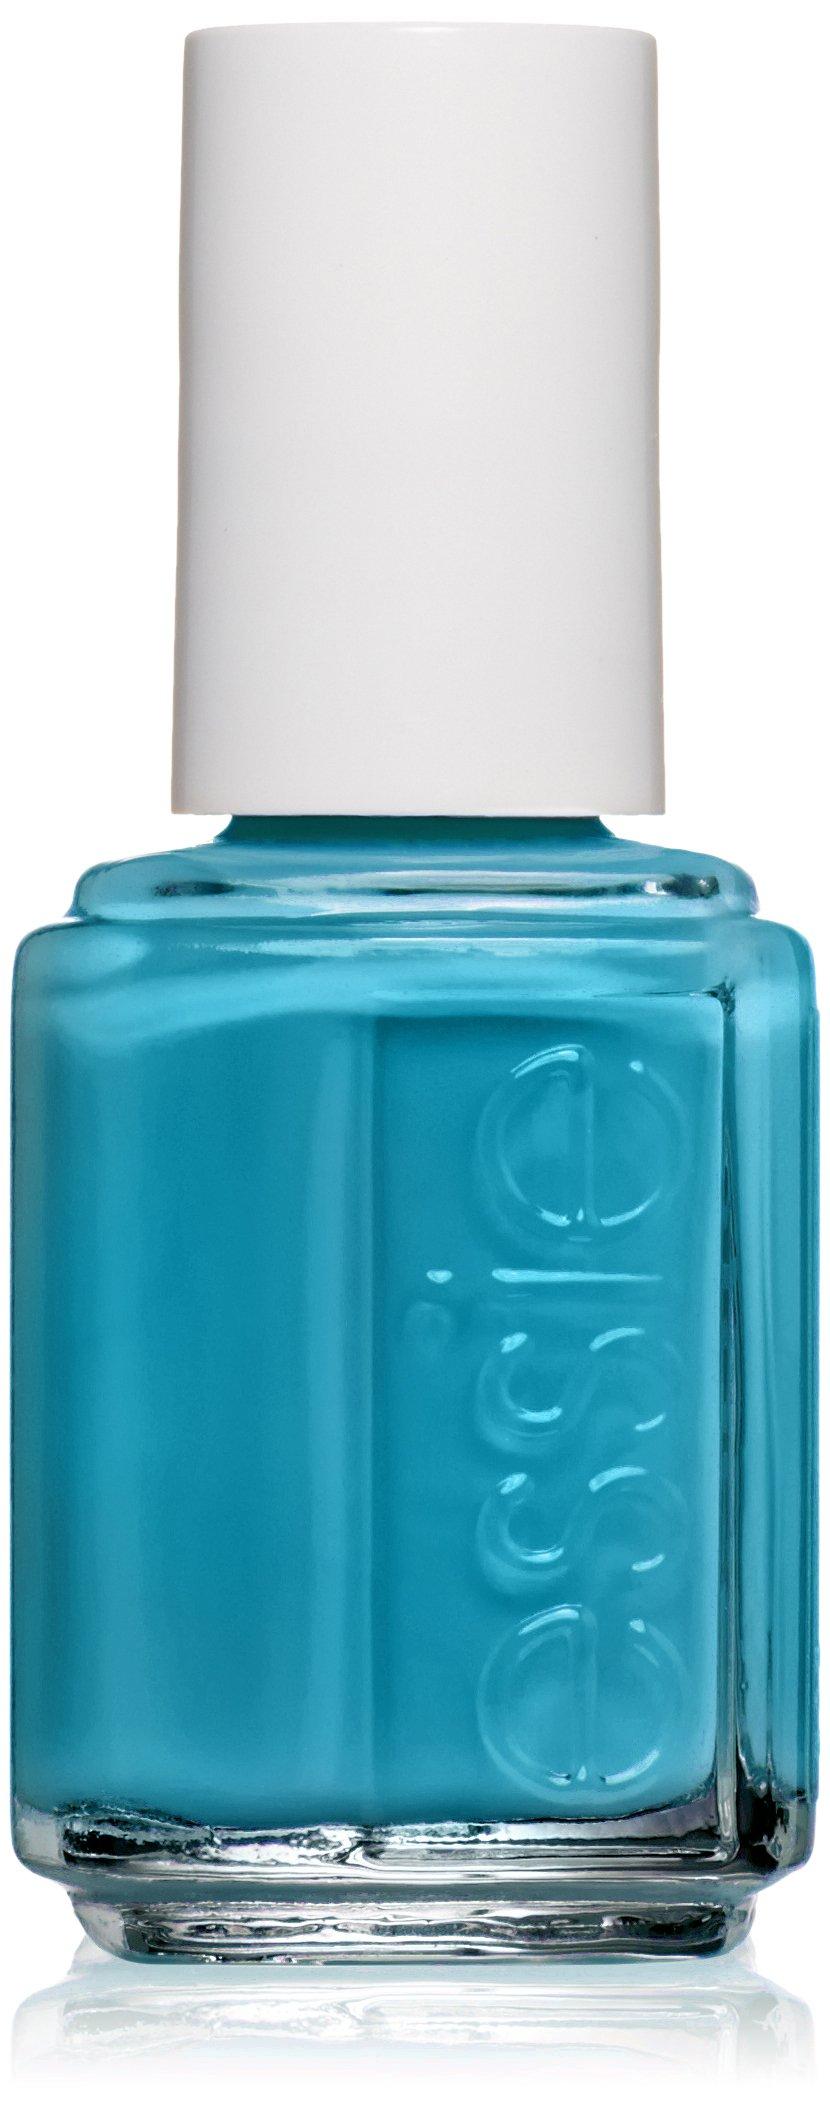 essie Nail Polish, Glossy Shine Finish, Garden Variety, 0.46 fl. oz.